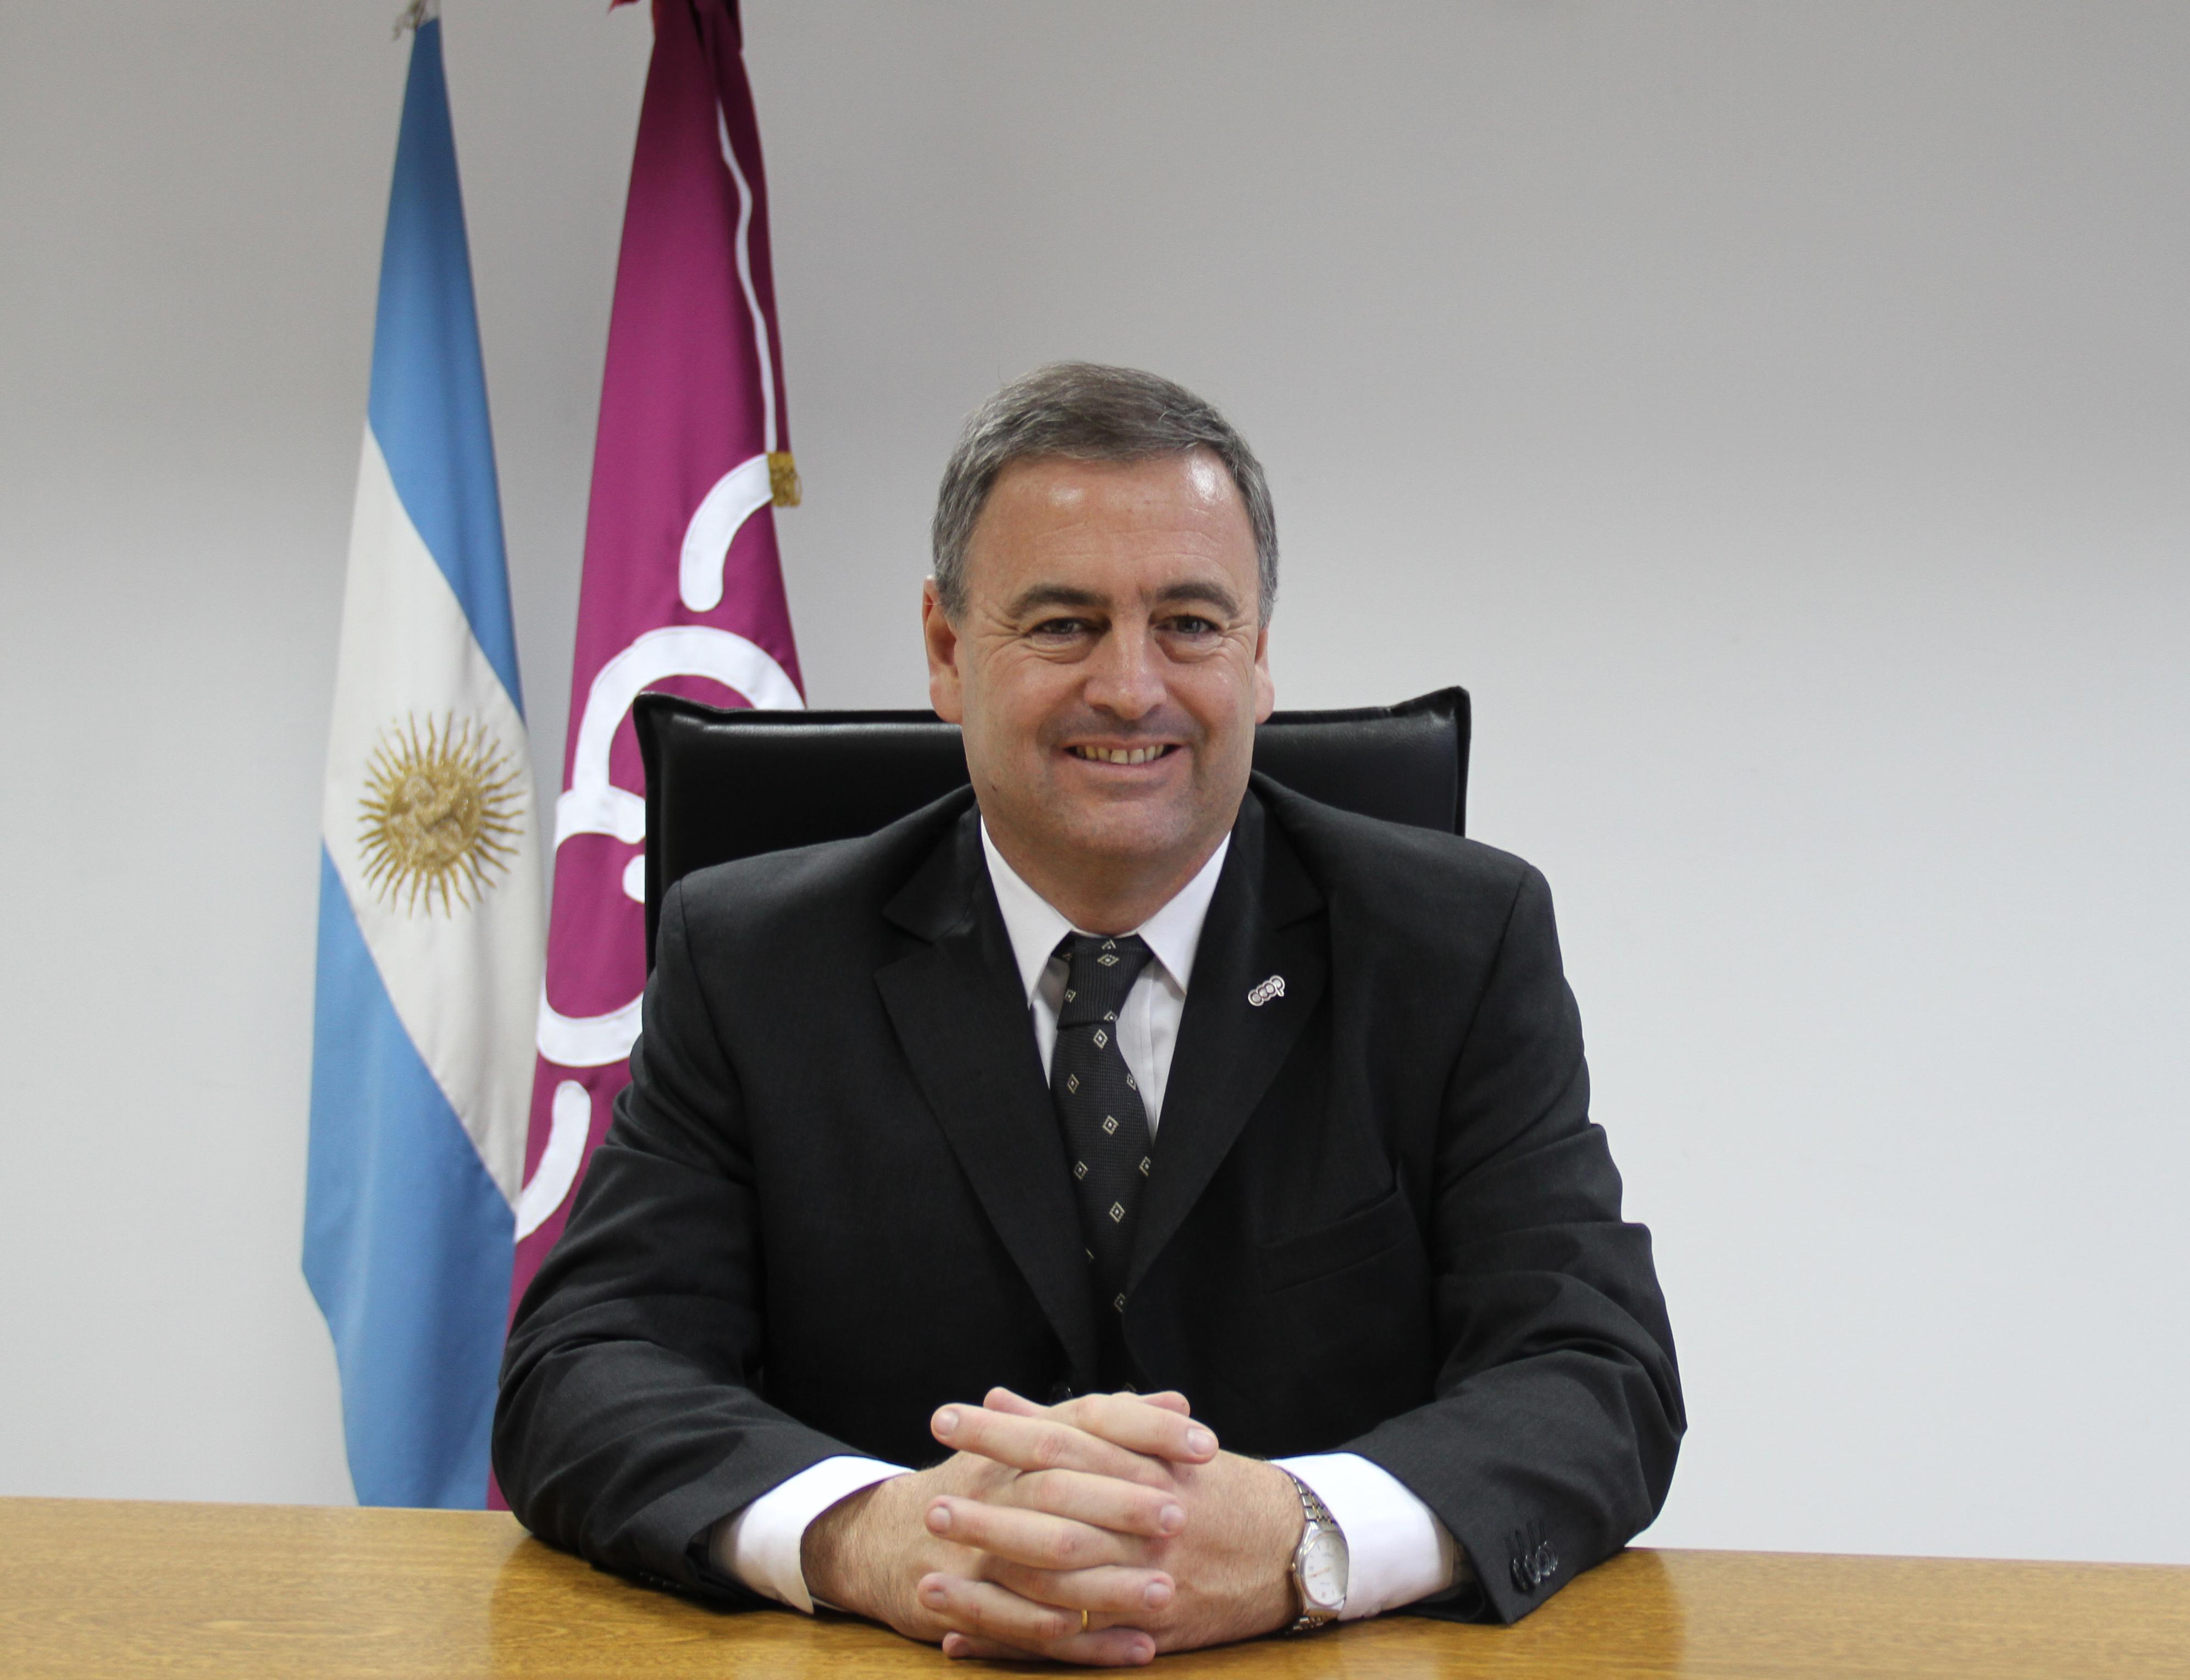 Ariel Guarco